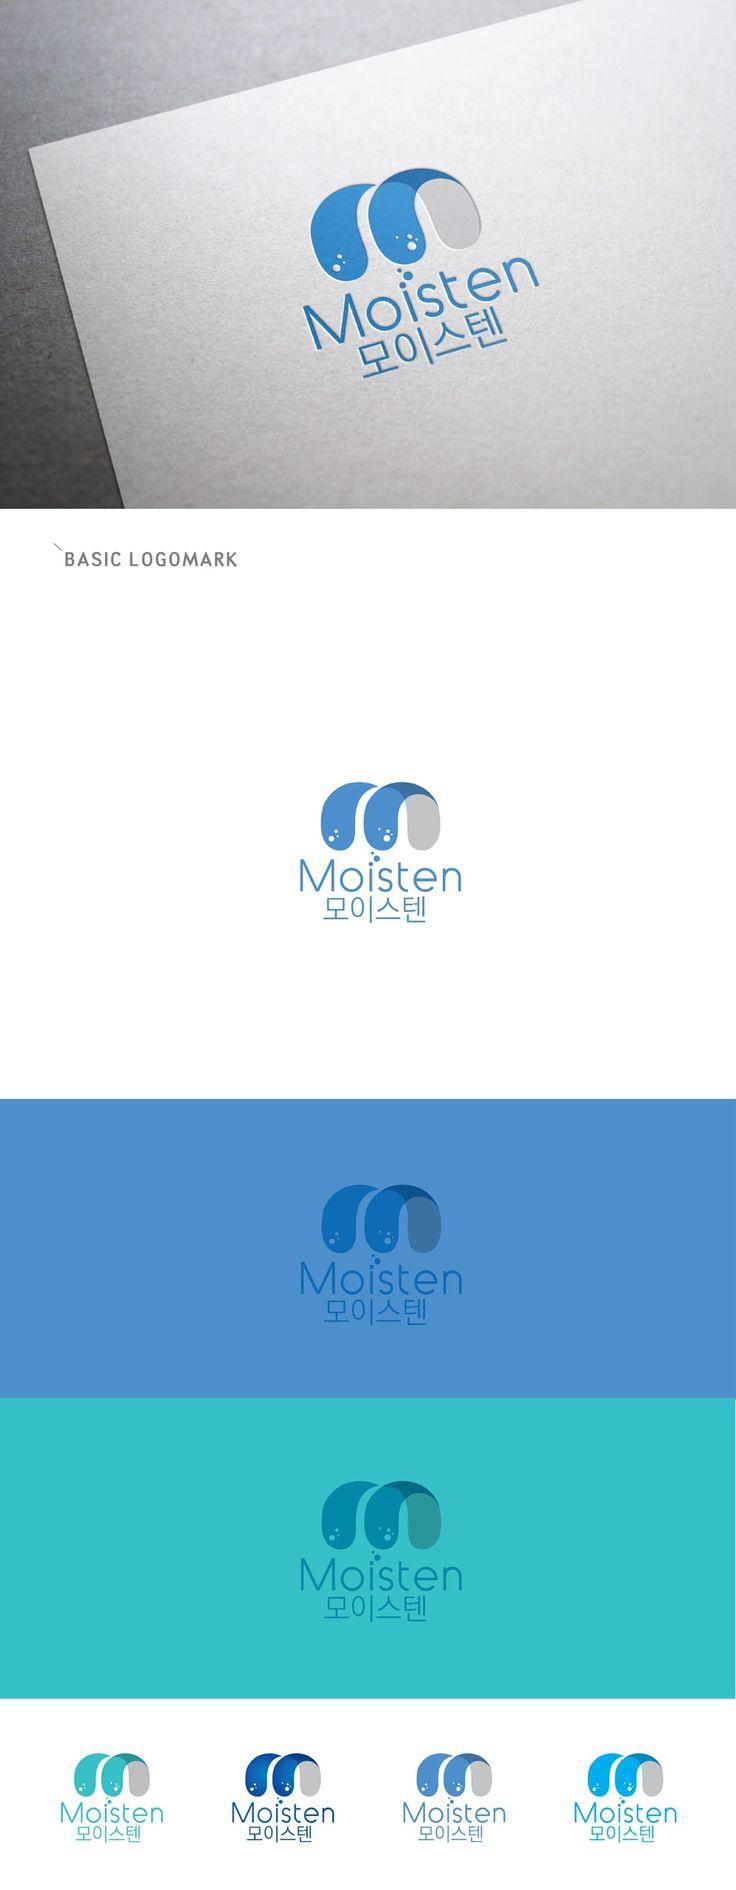 모이스텐 / Design by gutta/ m을 물방울의 형태로 디자인을 전개하여 물방울속에 산소, 수분등을 다시 한번 어필시킨 로고디자인 #이니셜 #물방울 #산소 #수분 #다이어트 #여자 #창업 #로고디자인 #로고 #디자인 #디자이너 #라우드소싱 #레퍼런스 #콘테스트 #logo #design #포트폴리오 #디자인의뢰 #공모전 #미니멀리즘 #맞팔 #심볼마크 #심볼 #일러스트 #작업 #color #타이포그래피 #아이콘 #곡선 #로고타입